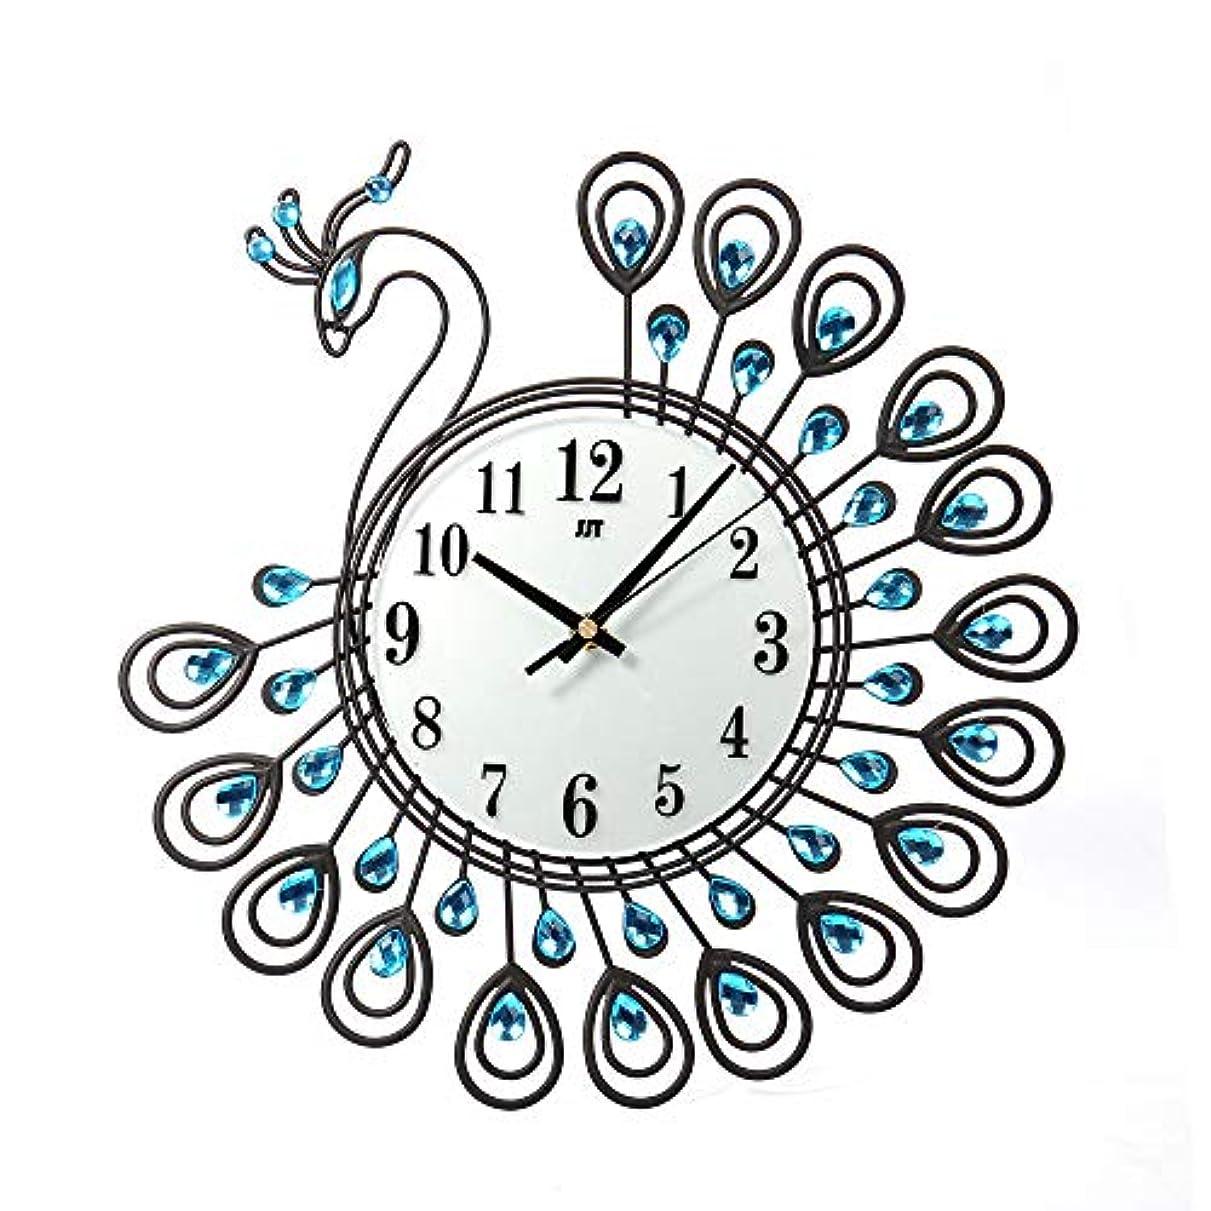 シャベルメンテナンス頬ルームオフィスのための壁時計の金属のラインストーンの家の装飾の孔雀の時計 (ブラック)